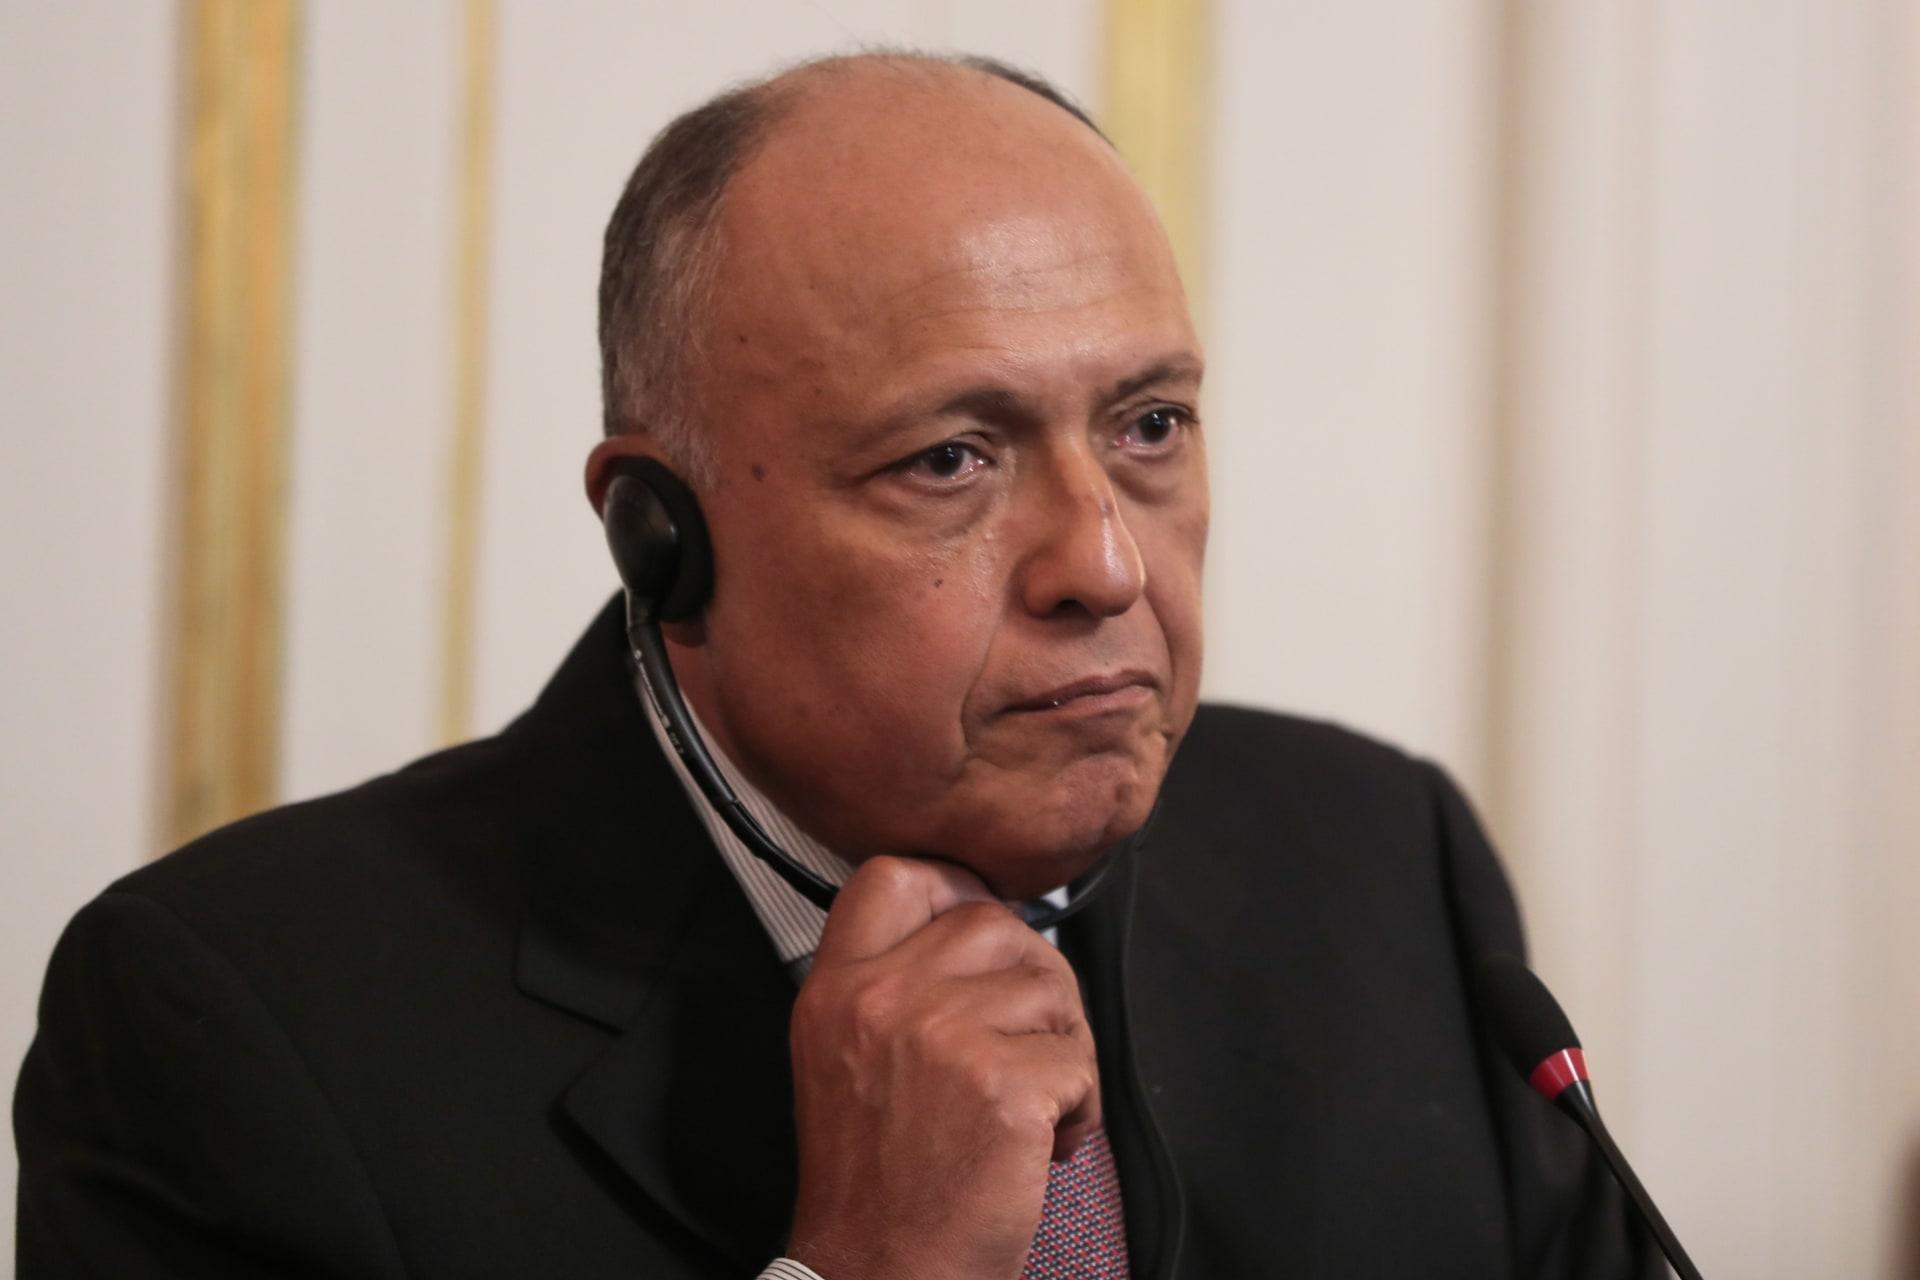 """مصر """"مندهشة"""" من تصريحات رئيس وزراء إثيوبيا: تضمنت إشارات سلبية وتلميحات غير مقبولة"""